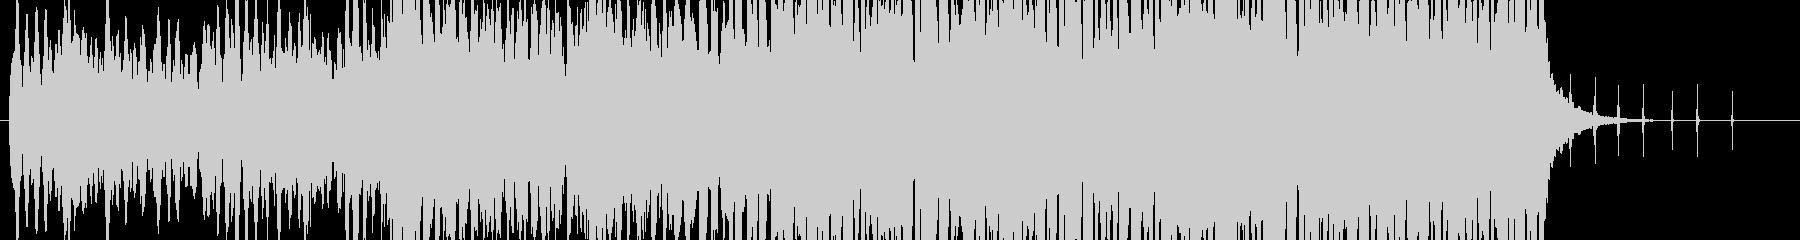 時計の秒針、アナログ音が特徴的な曲の未再生の波形